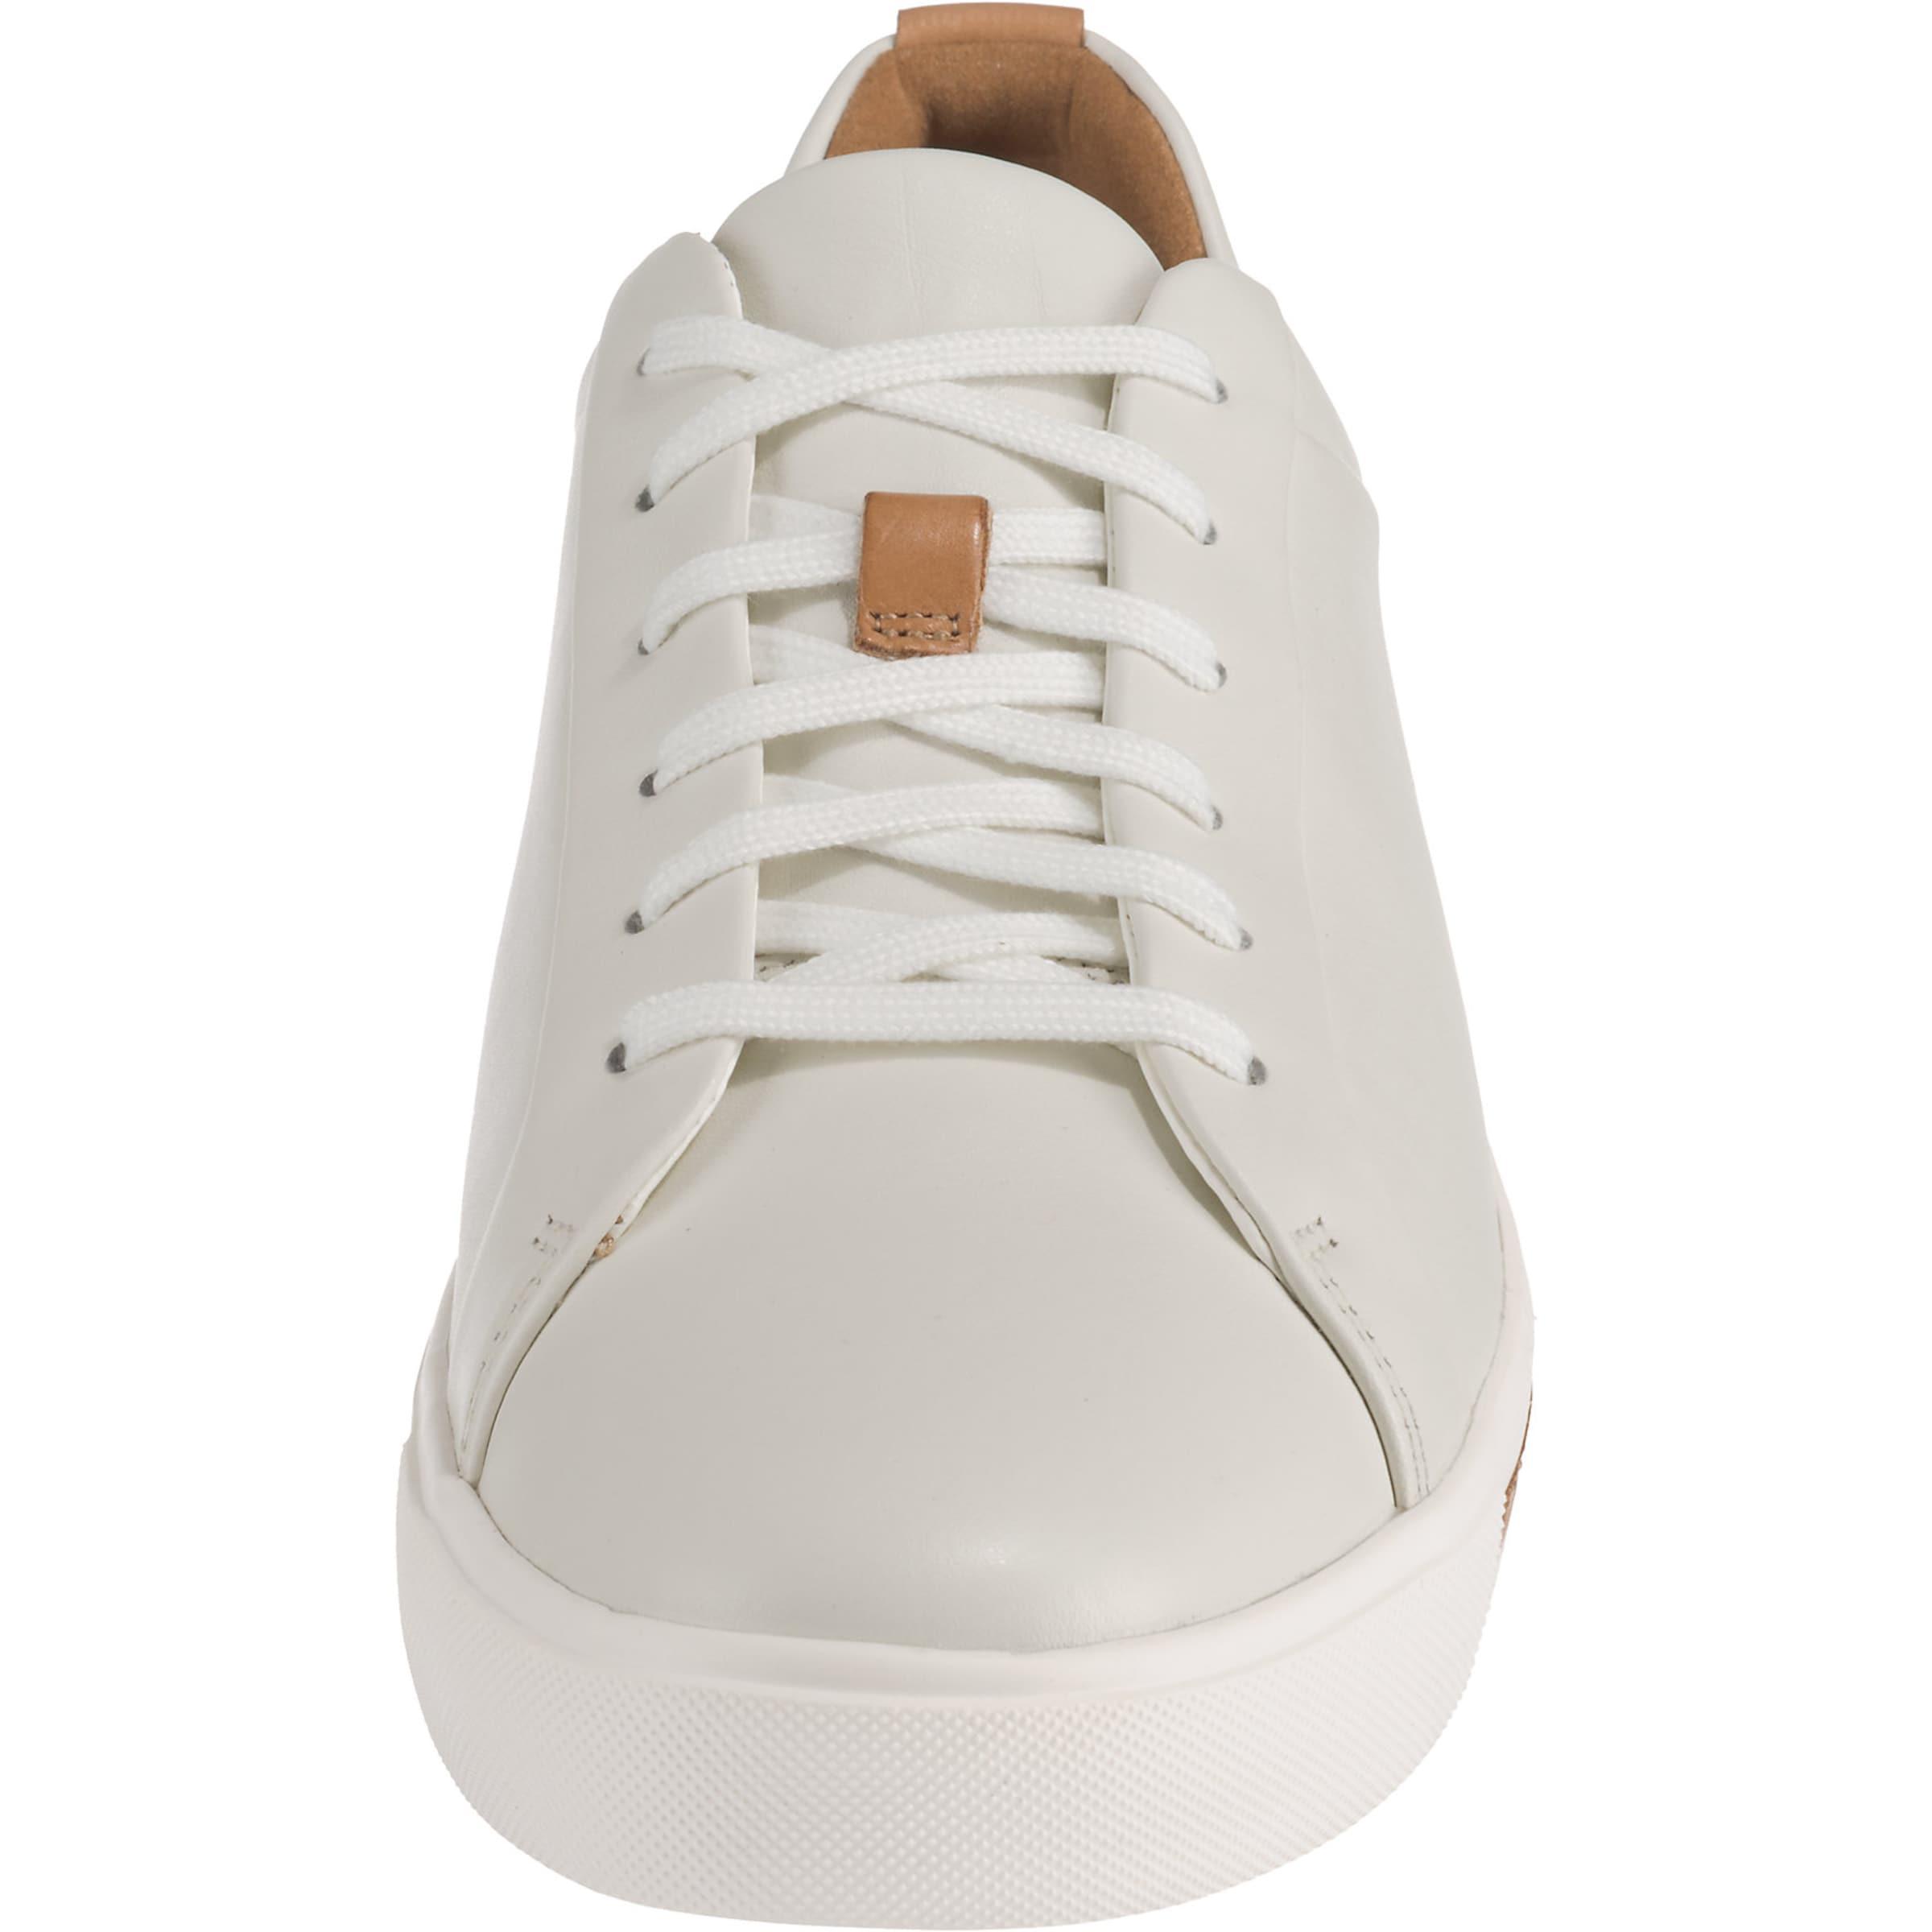 In 'un Maui Lace' Sneaker HellbeigeWeiß Clarks kw80OPn